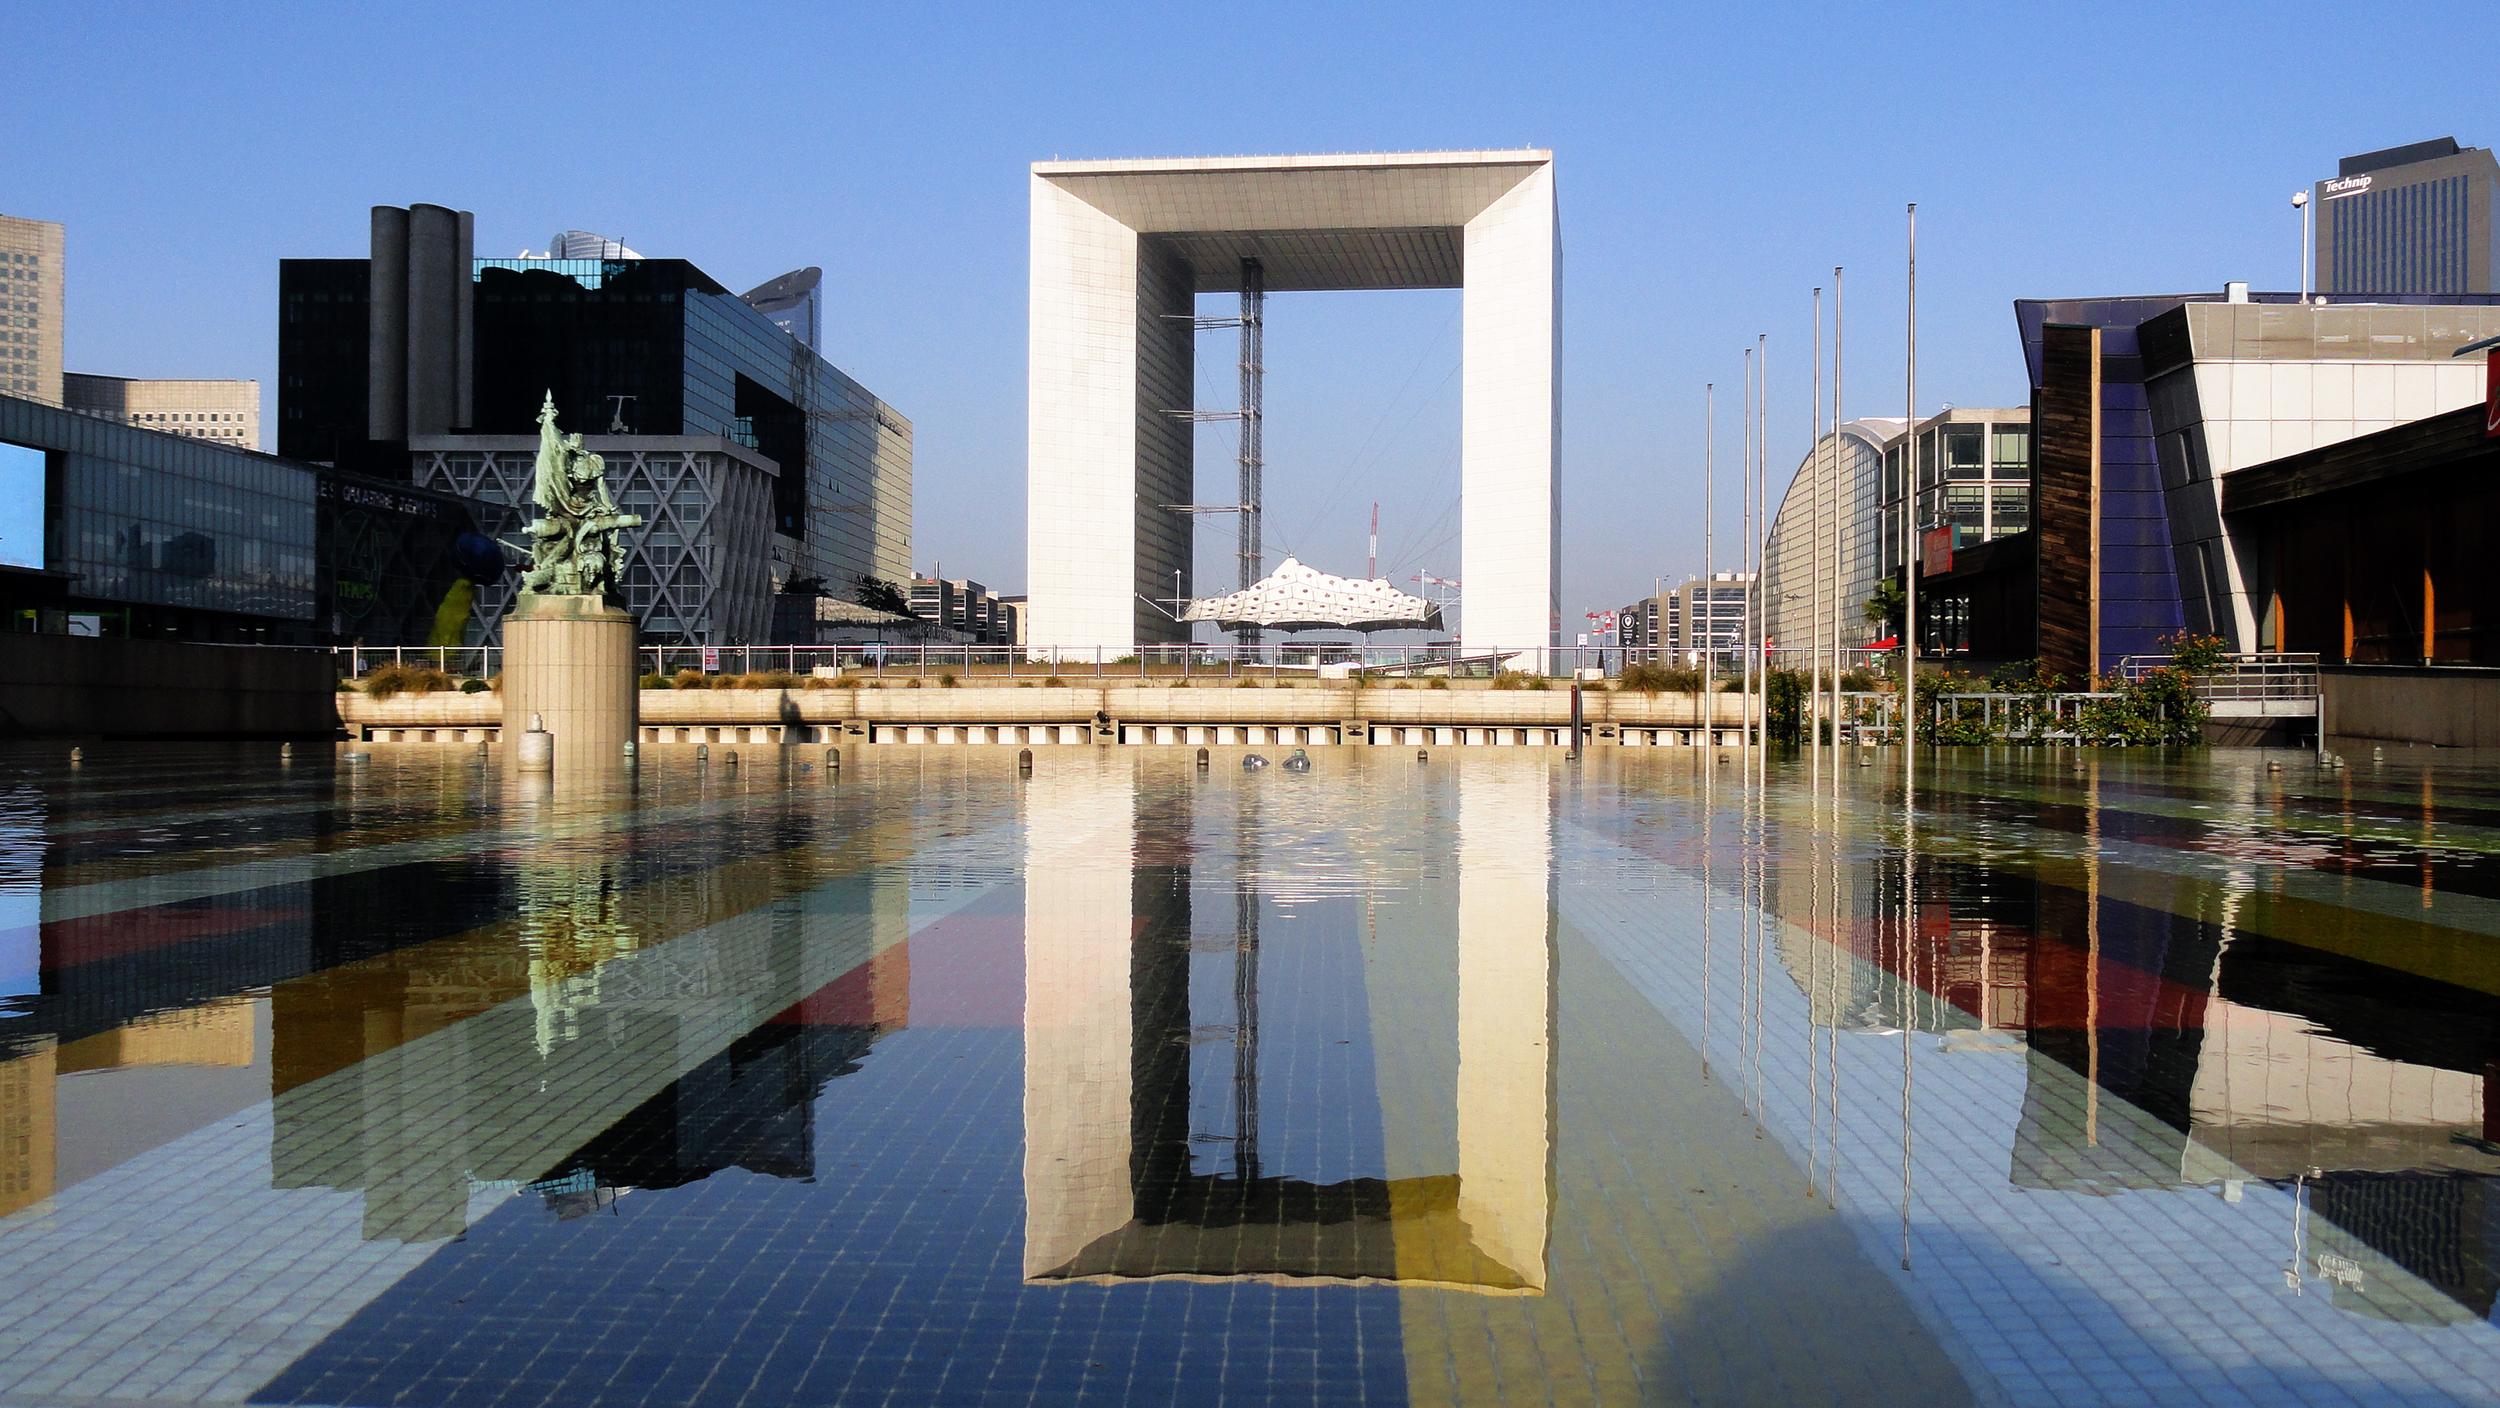 La_Grande_Arche_de_la_Défense_and_the_Yaacov_Agam_Fountain_(1977).jpg